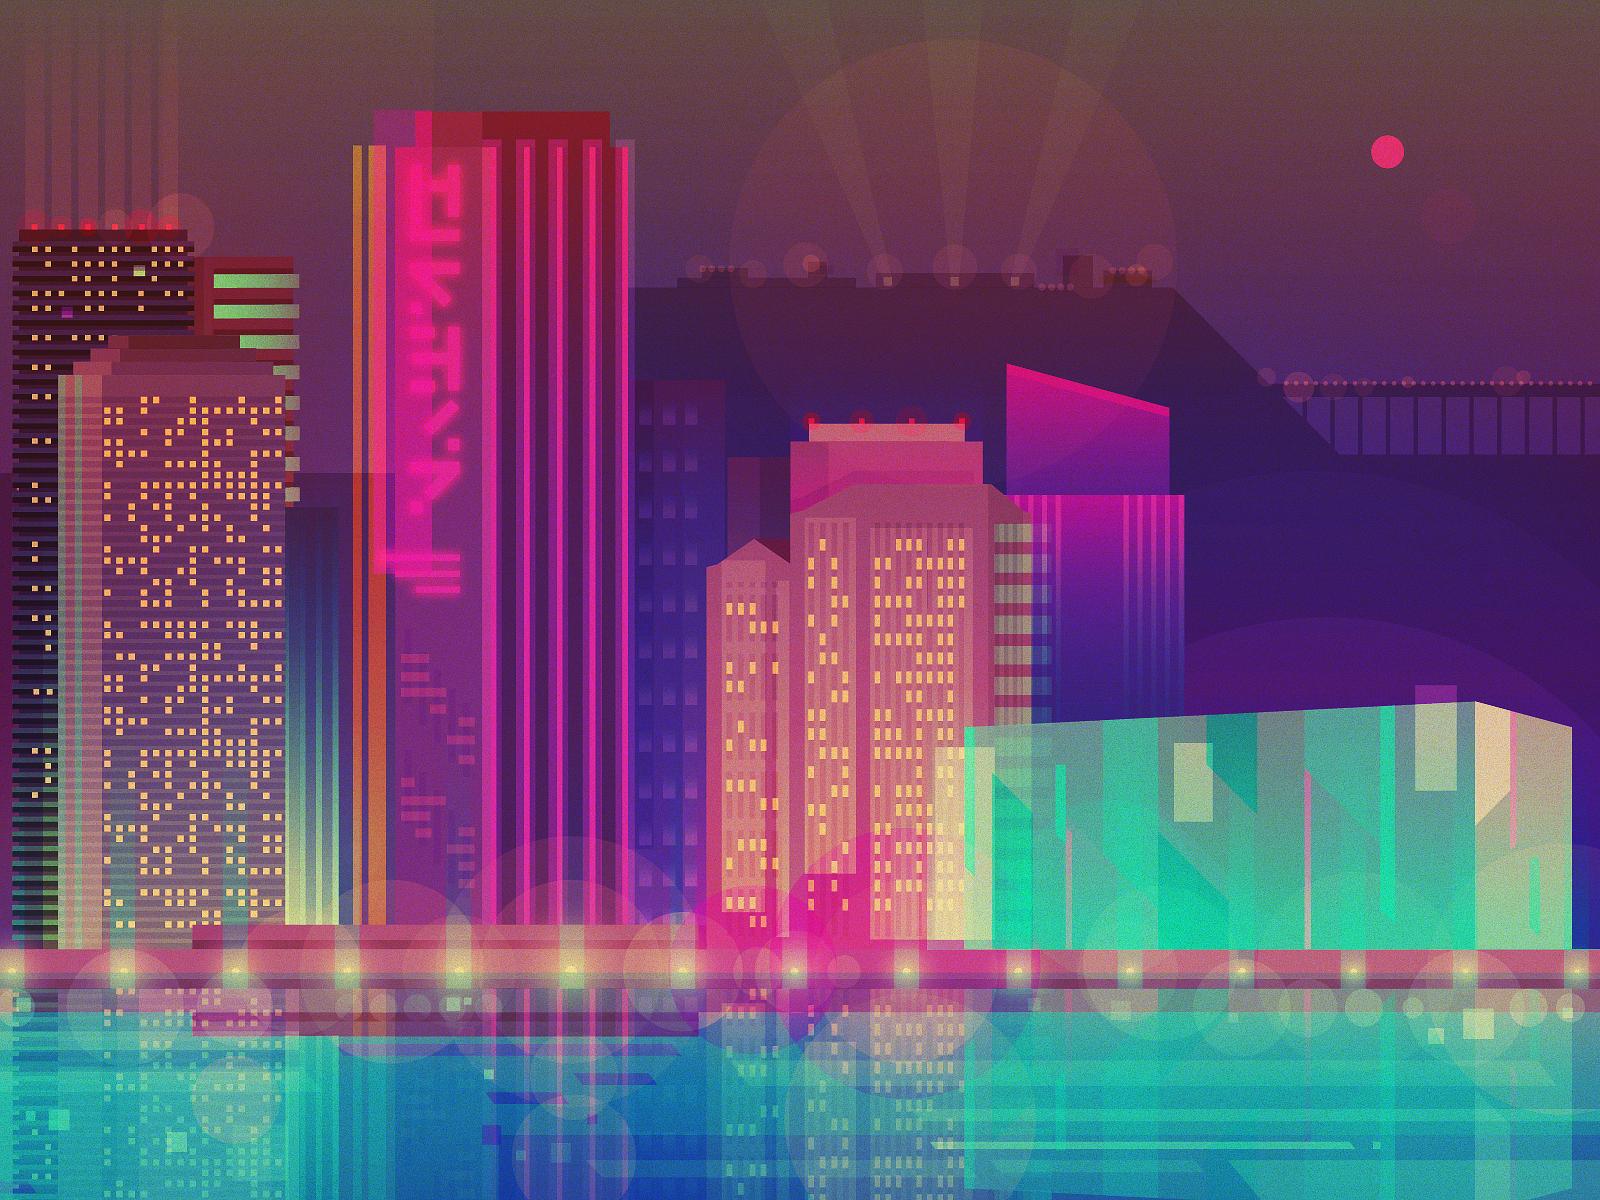 City by night v3 4x